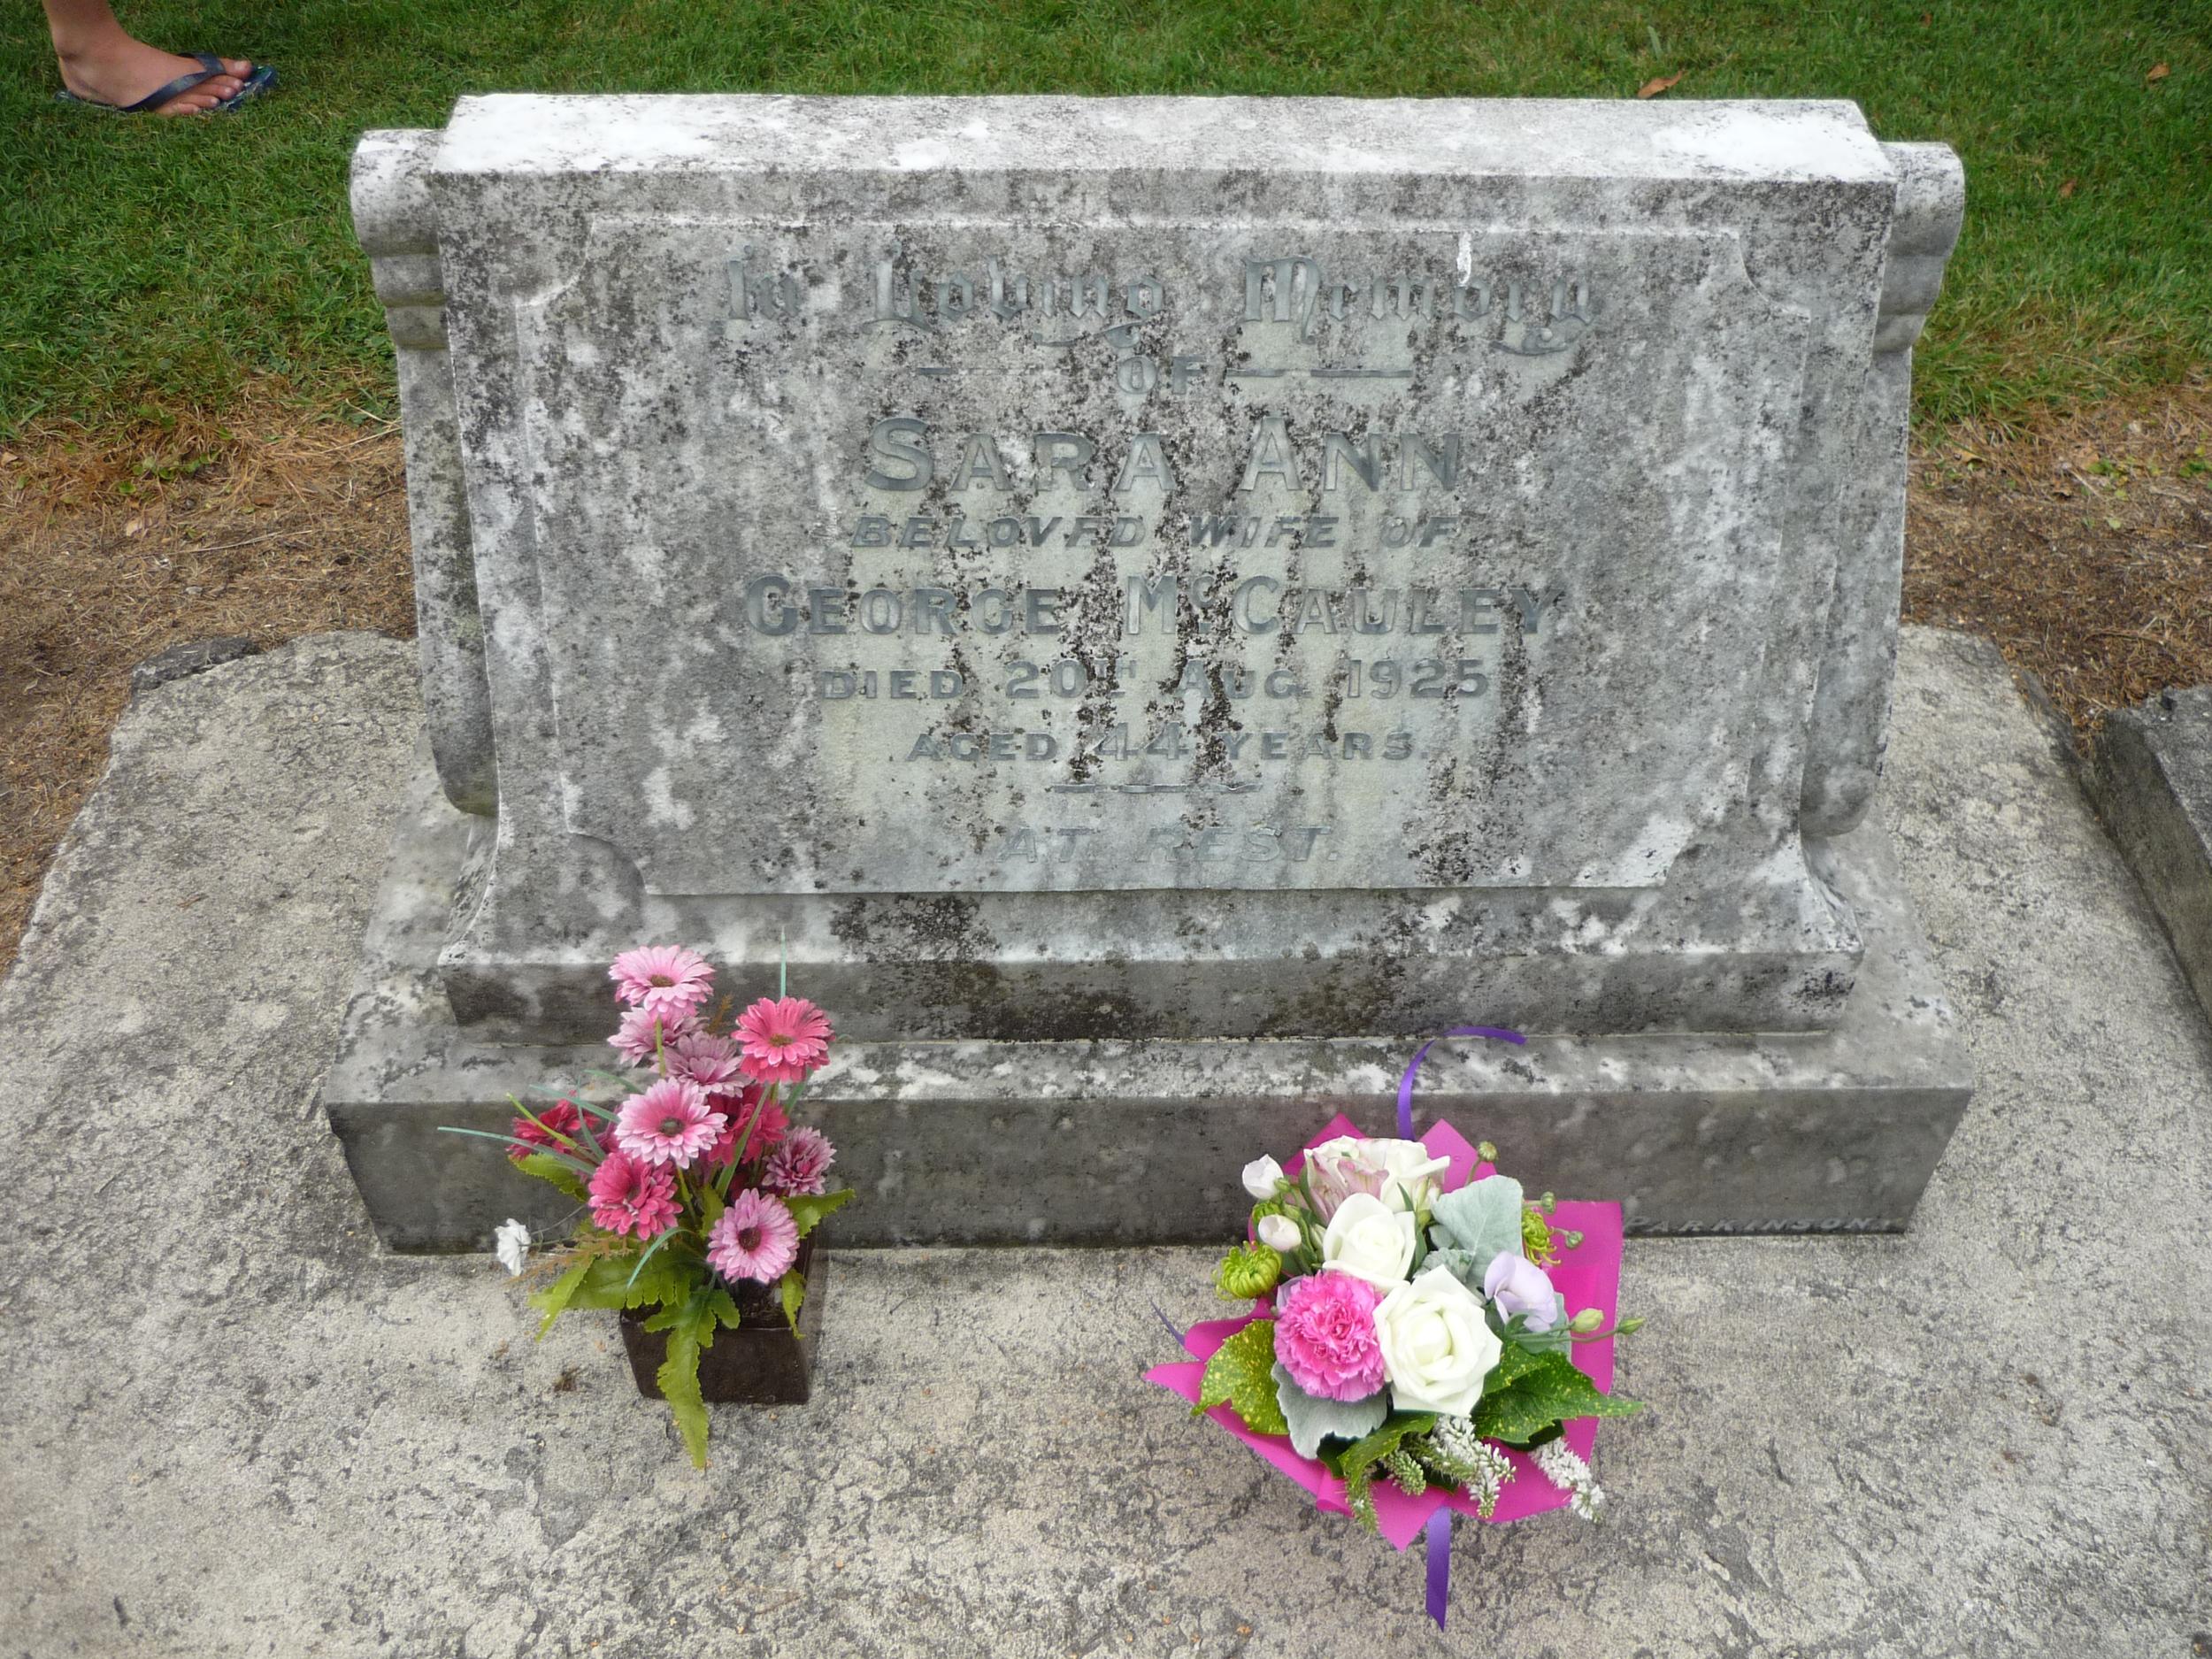 Grave of Sara(h) Ann McCauley (nee Ford)